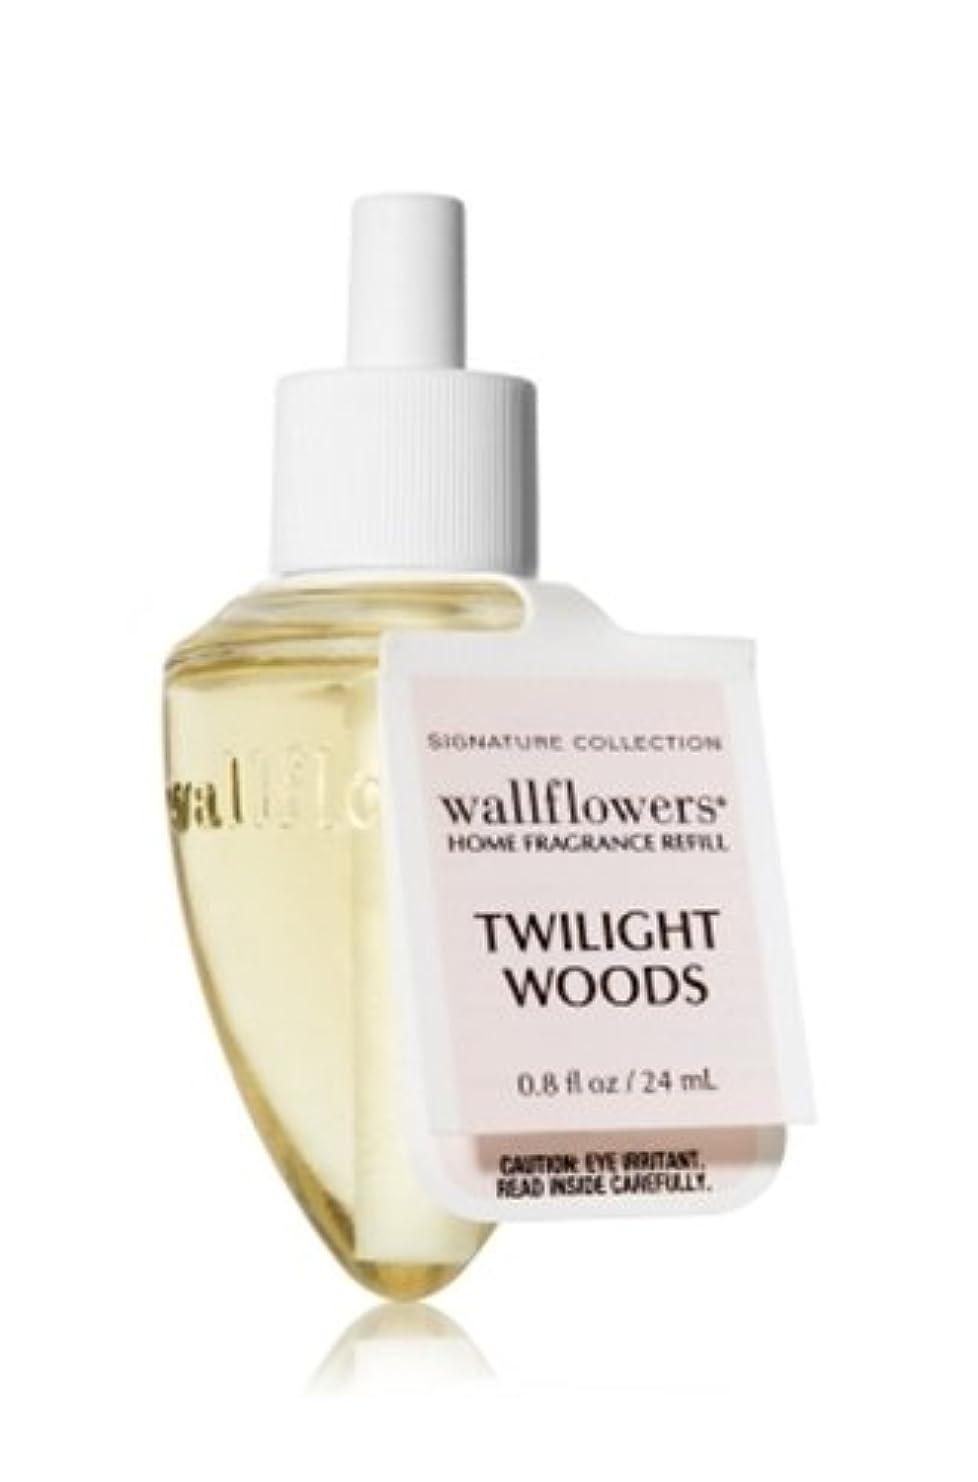 肥満残る明示的にBath & Body Works(バス&ボディワークス) トワイライトウッズ レフィル(本体は別売りです) Twilight Woods Wallflowers Refill Single Bottles【並行輸入品】